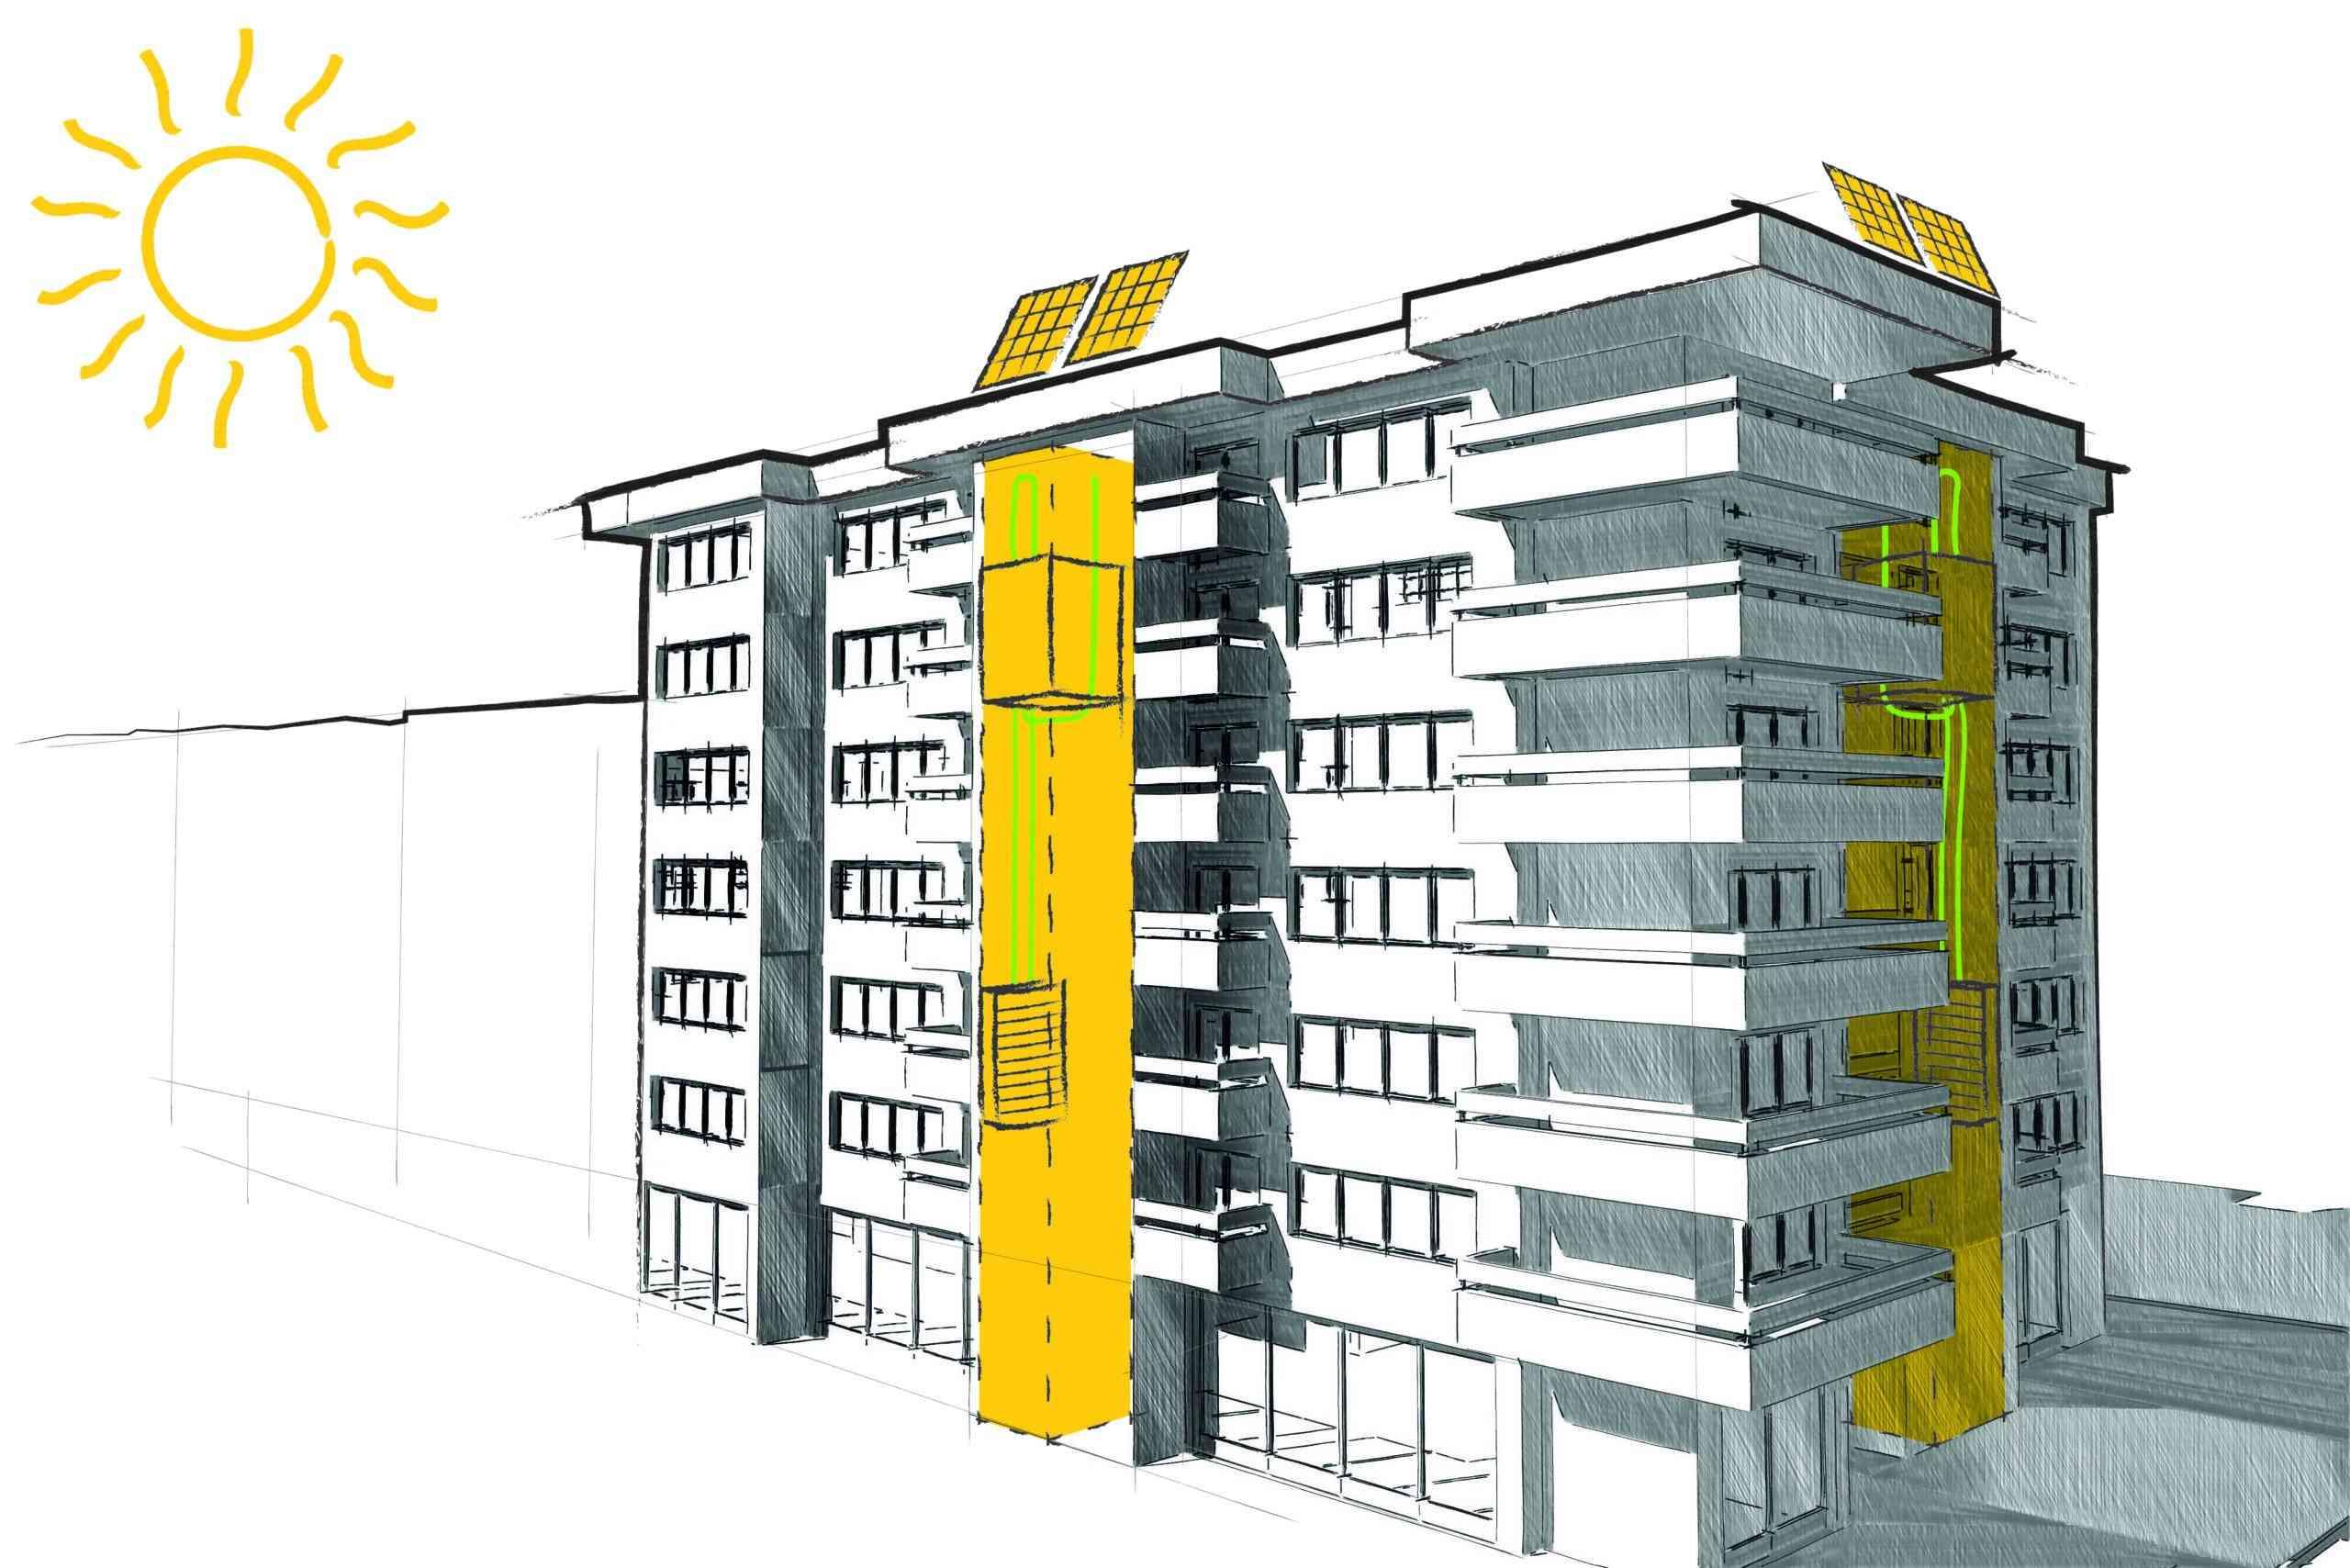 Solar_2_HD-01-1-scaled